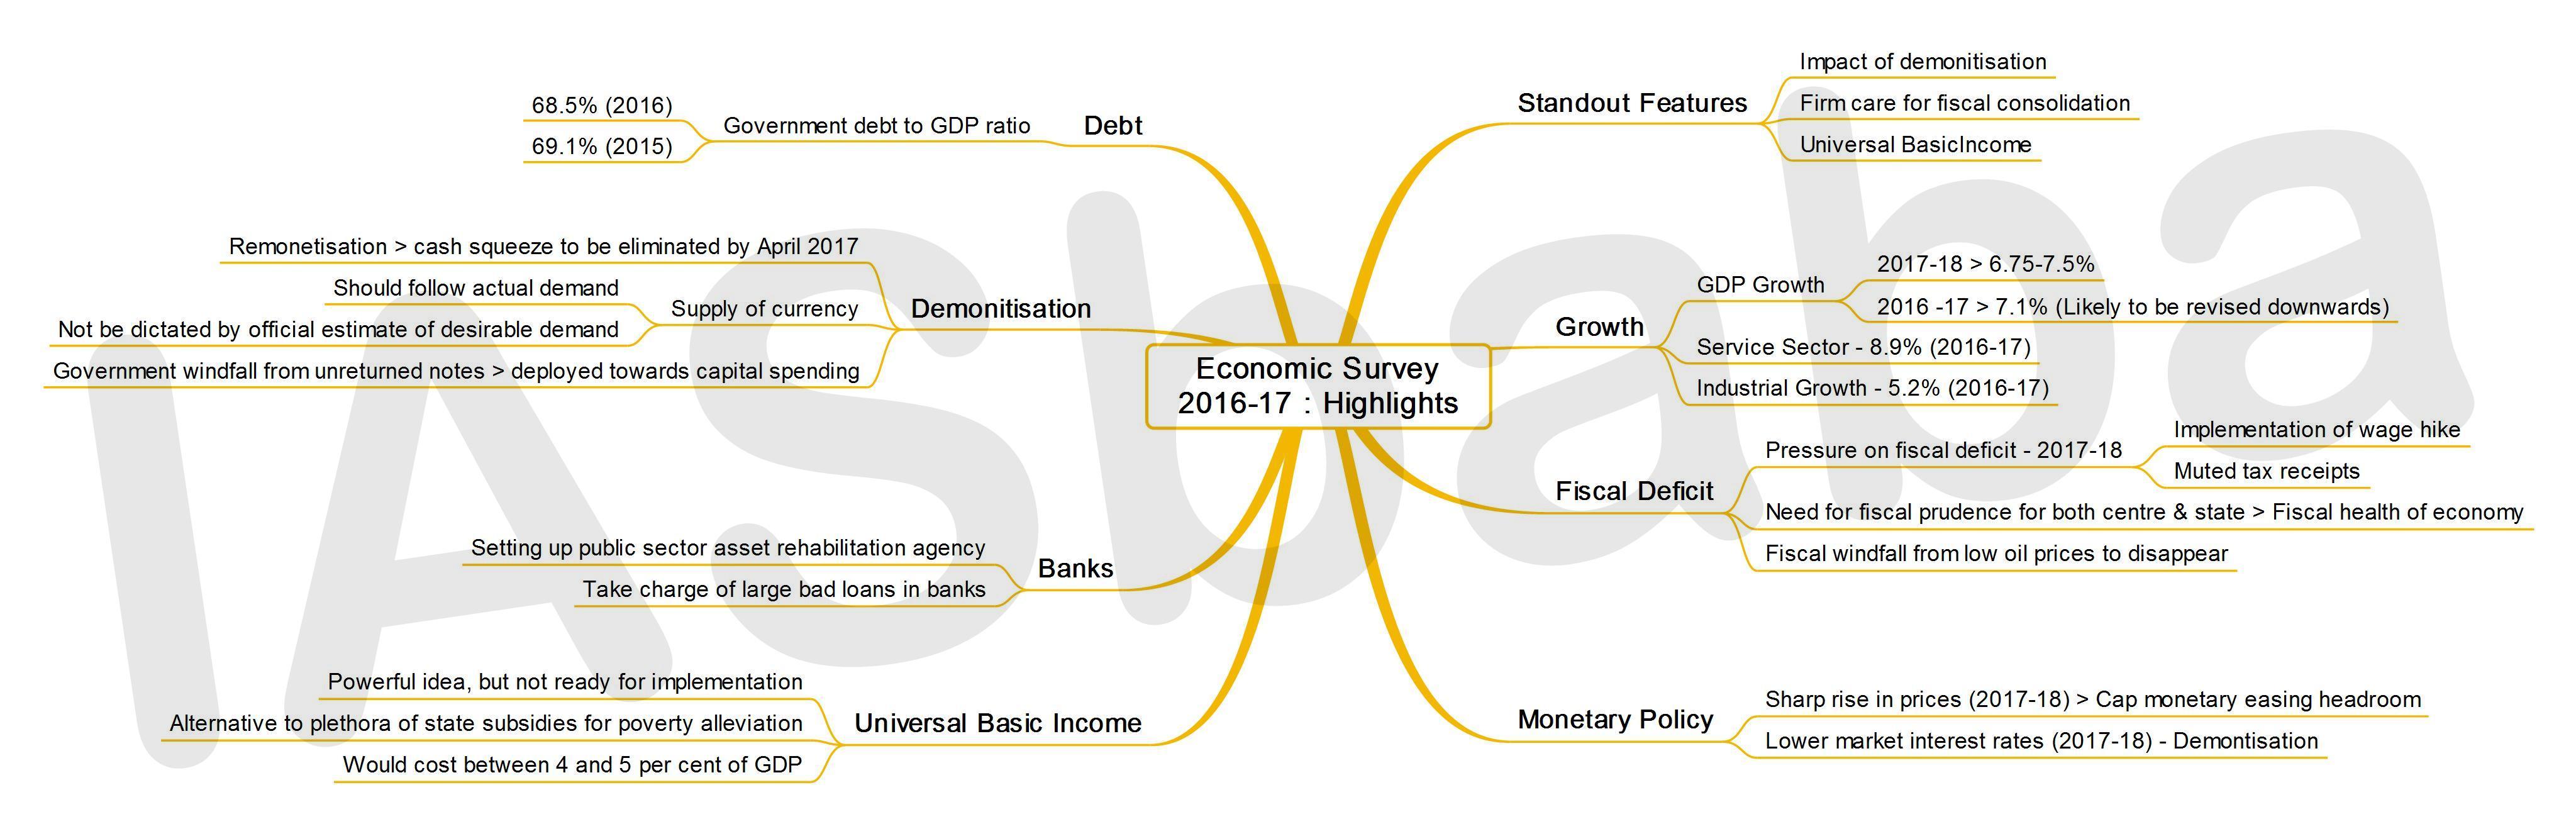 IASbaba's MINDMAP : Issue - Economic Survey 2016-17: Highlights